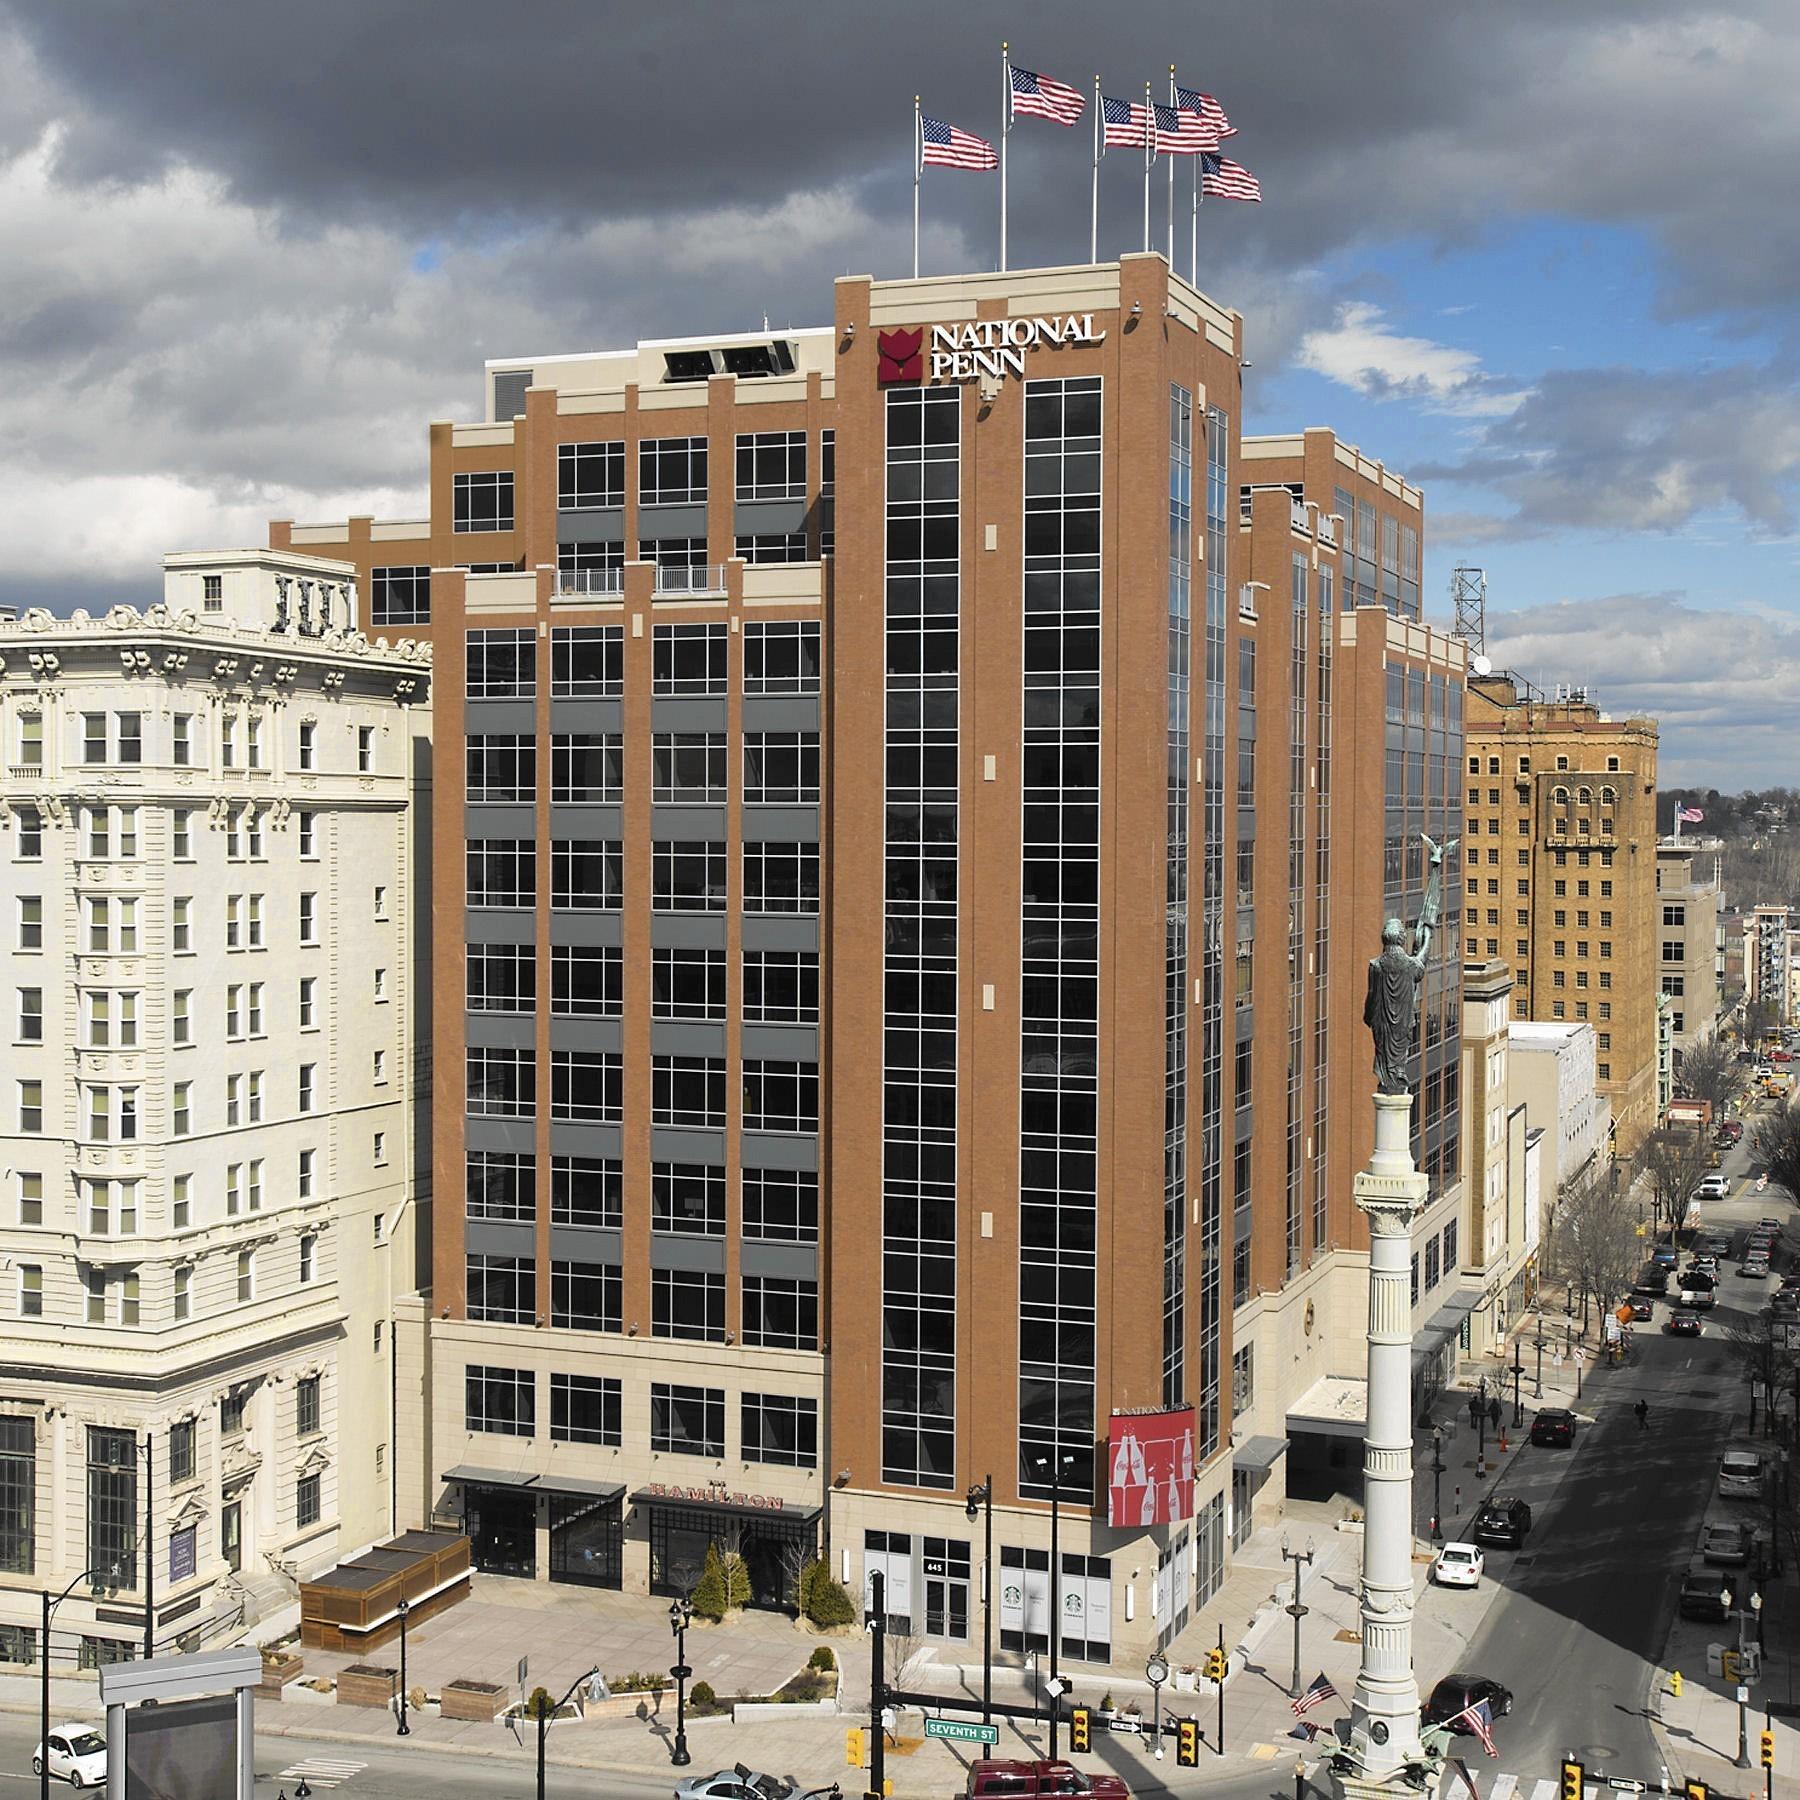 Citycenter: Allentown NIZ Developers Get $29 Million